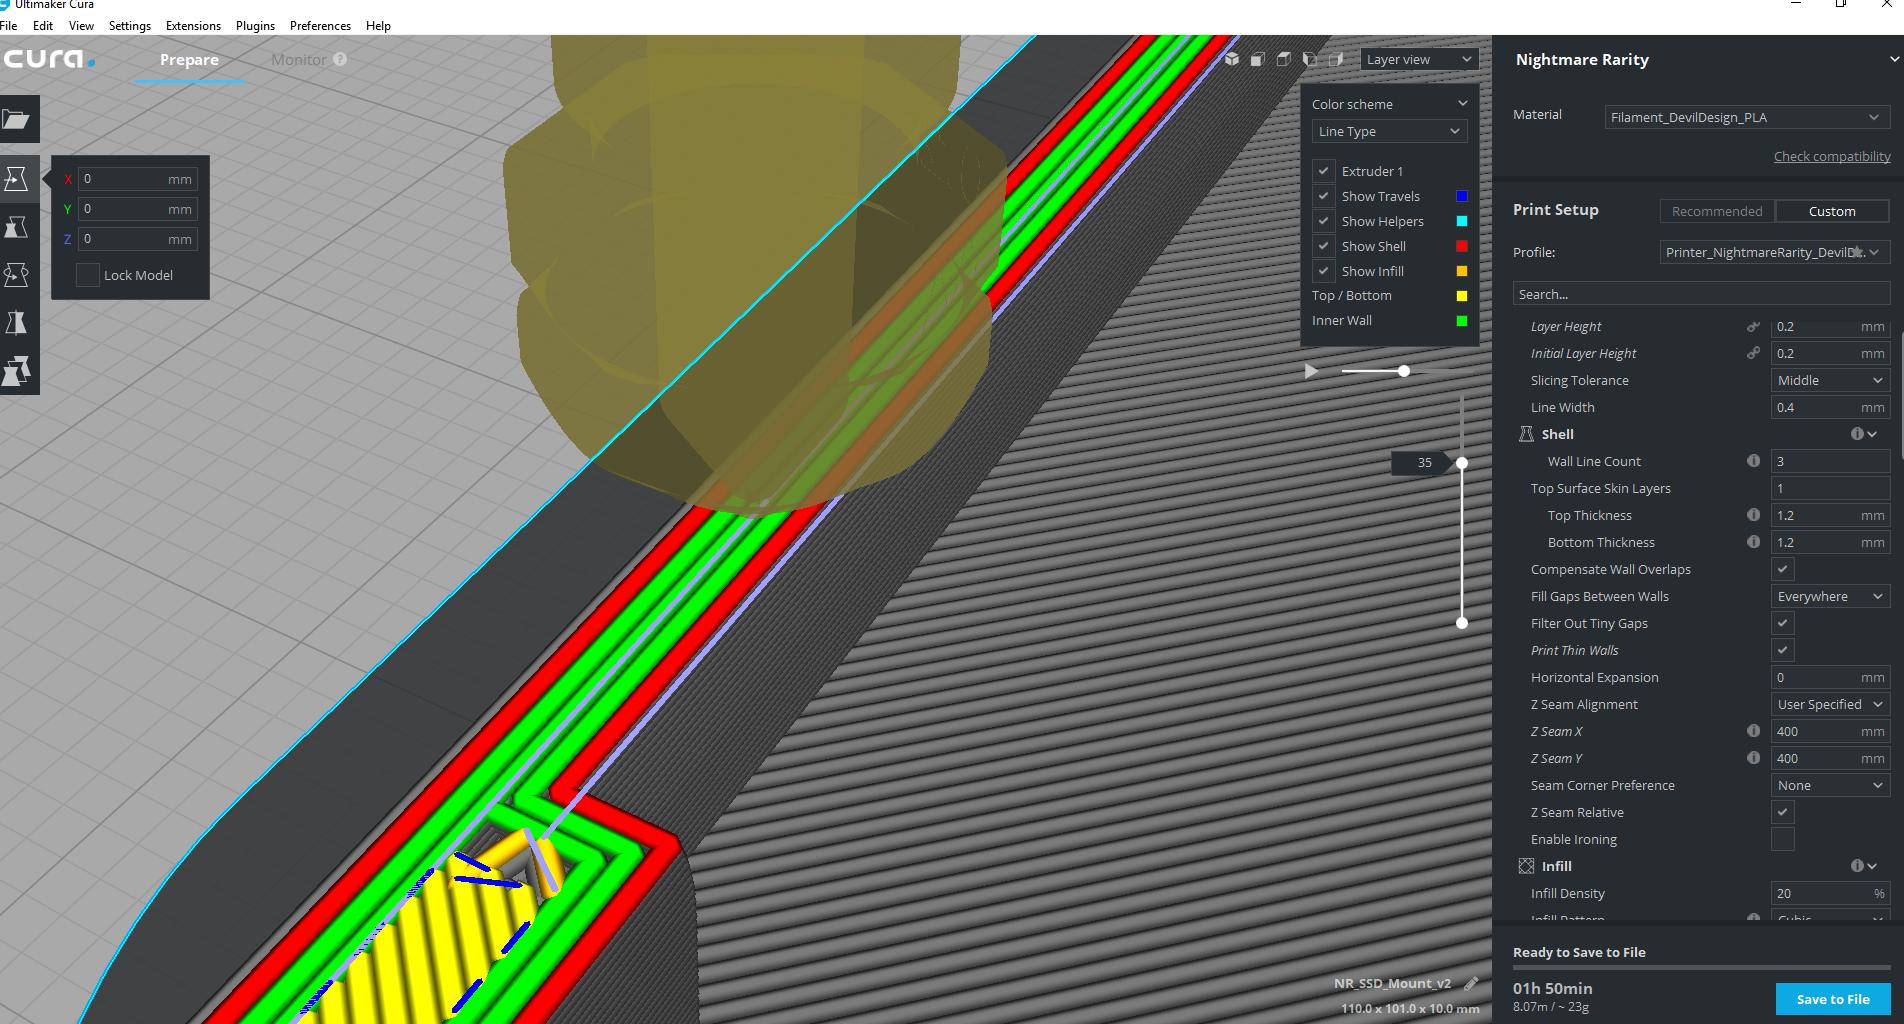 Cura 3 1 - Fill Gaps Between Walls extrudes into an existing